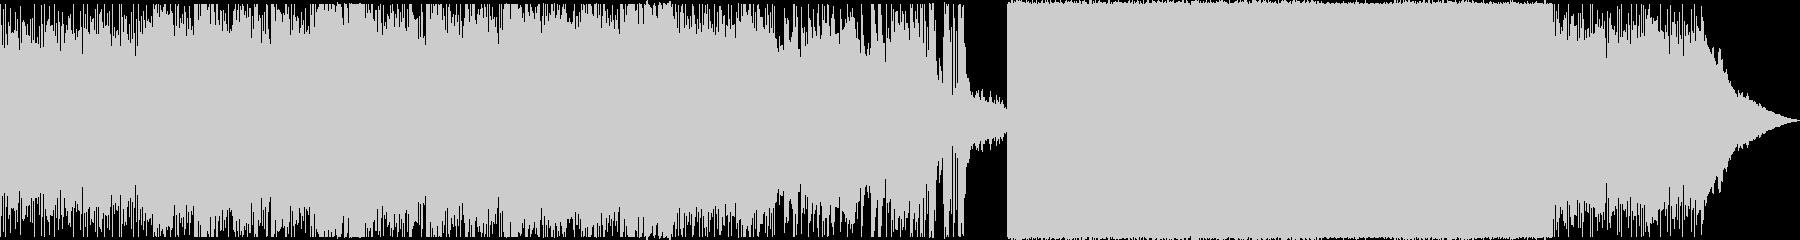 トレーラー風のピアノのBGMの未再生の波形